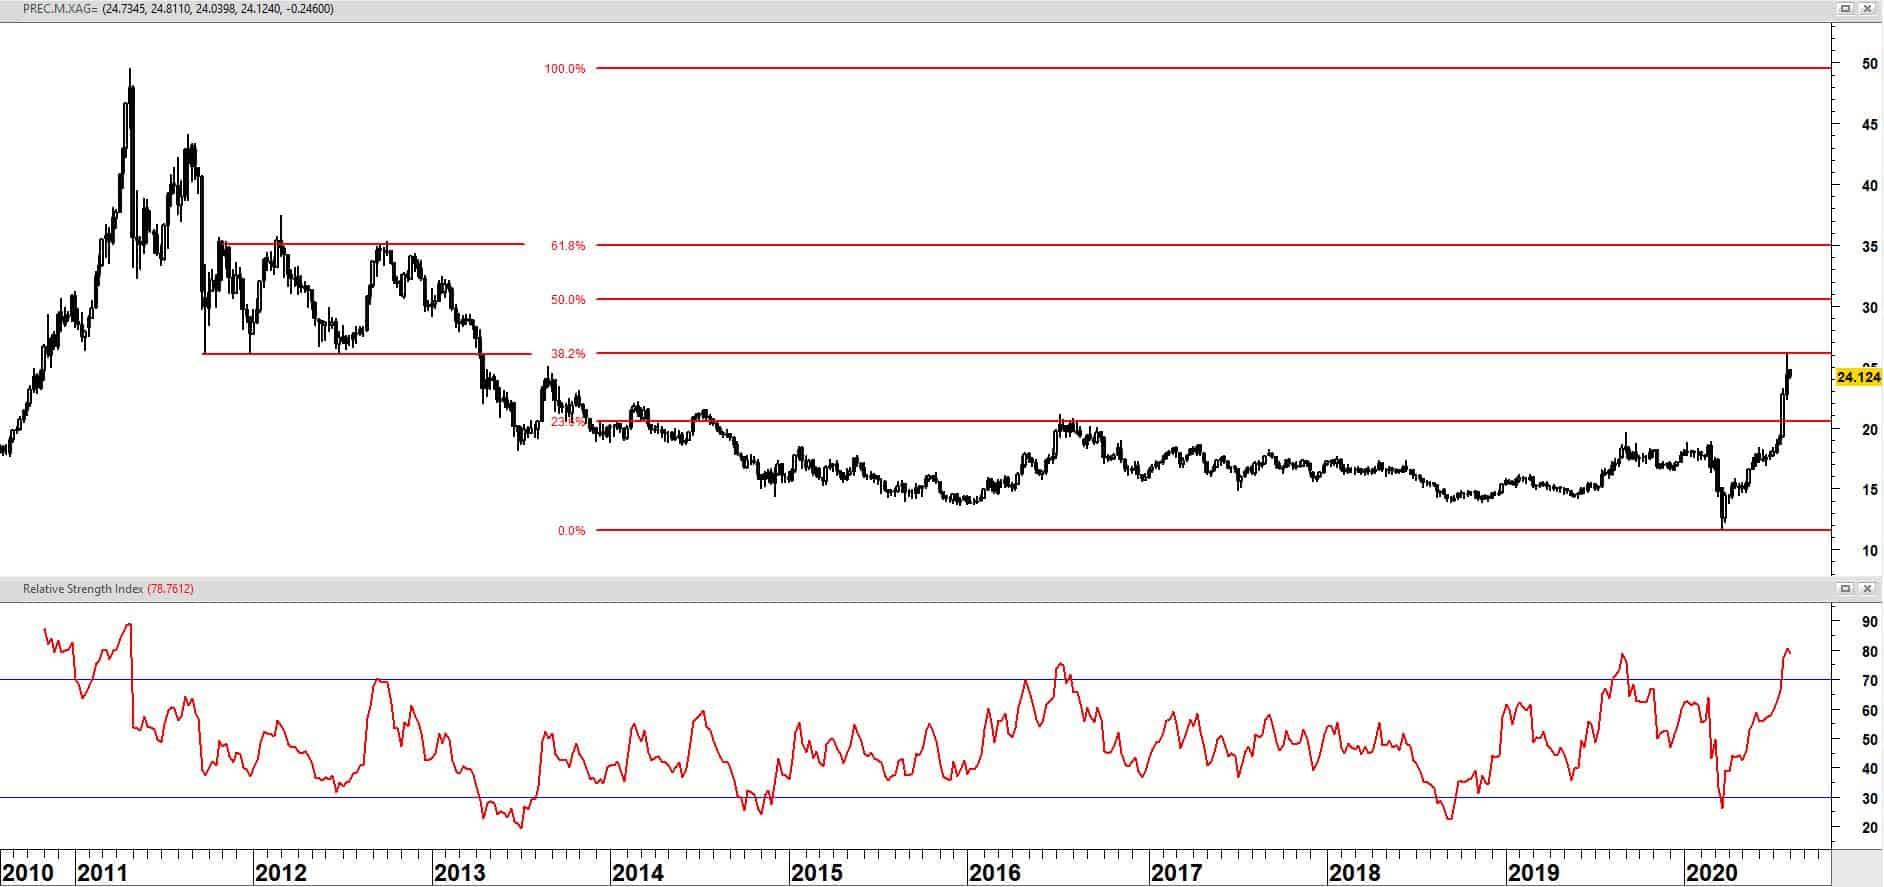 Future zilverprijs op weekbasis + relatieve sterkte index (RSI)